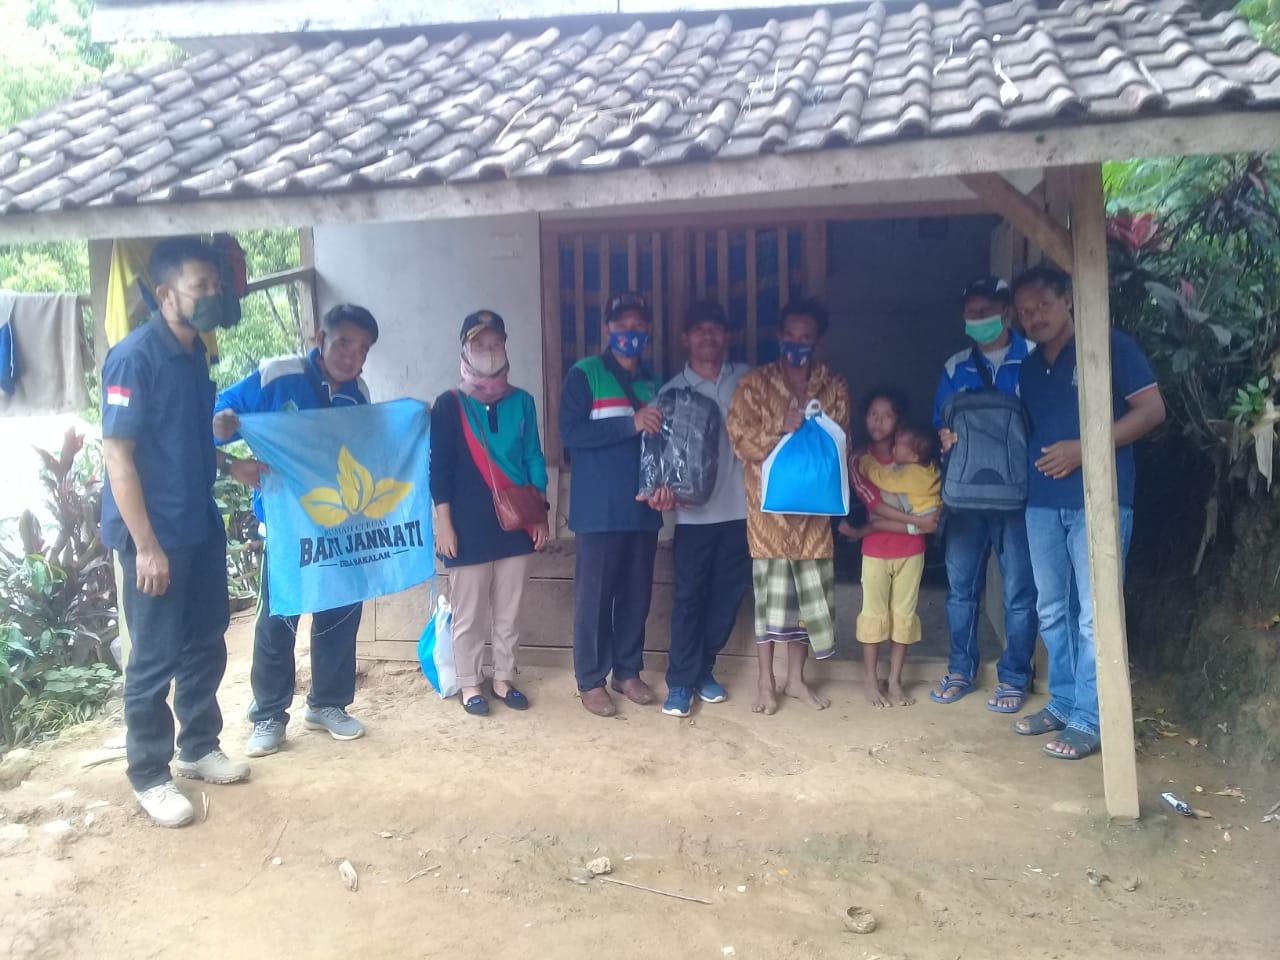 Yayasan Baitijannati bekerja sama dengan Karang Taruna Bowele, Kabupaten Malang, menyerahkan donasi kepada anak yatim dan dhuafa. (Foto: Rap/Tugu Jatim)